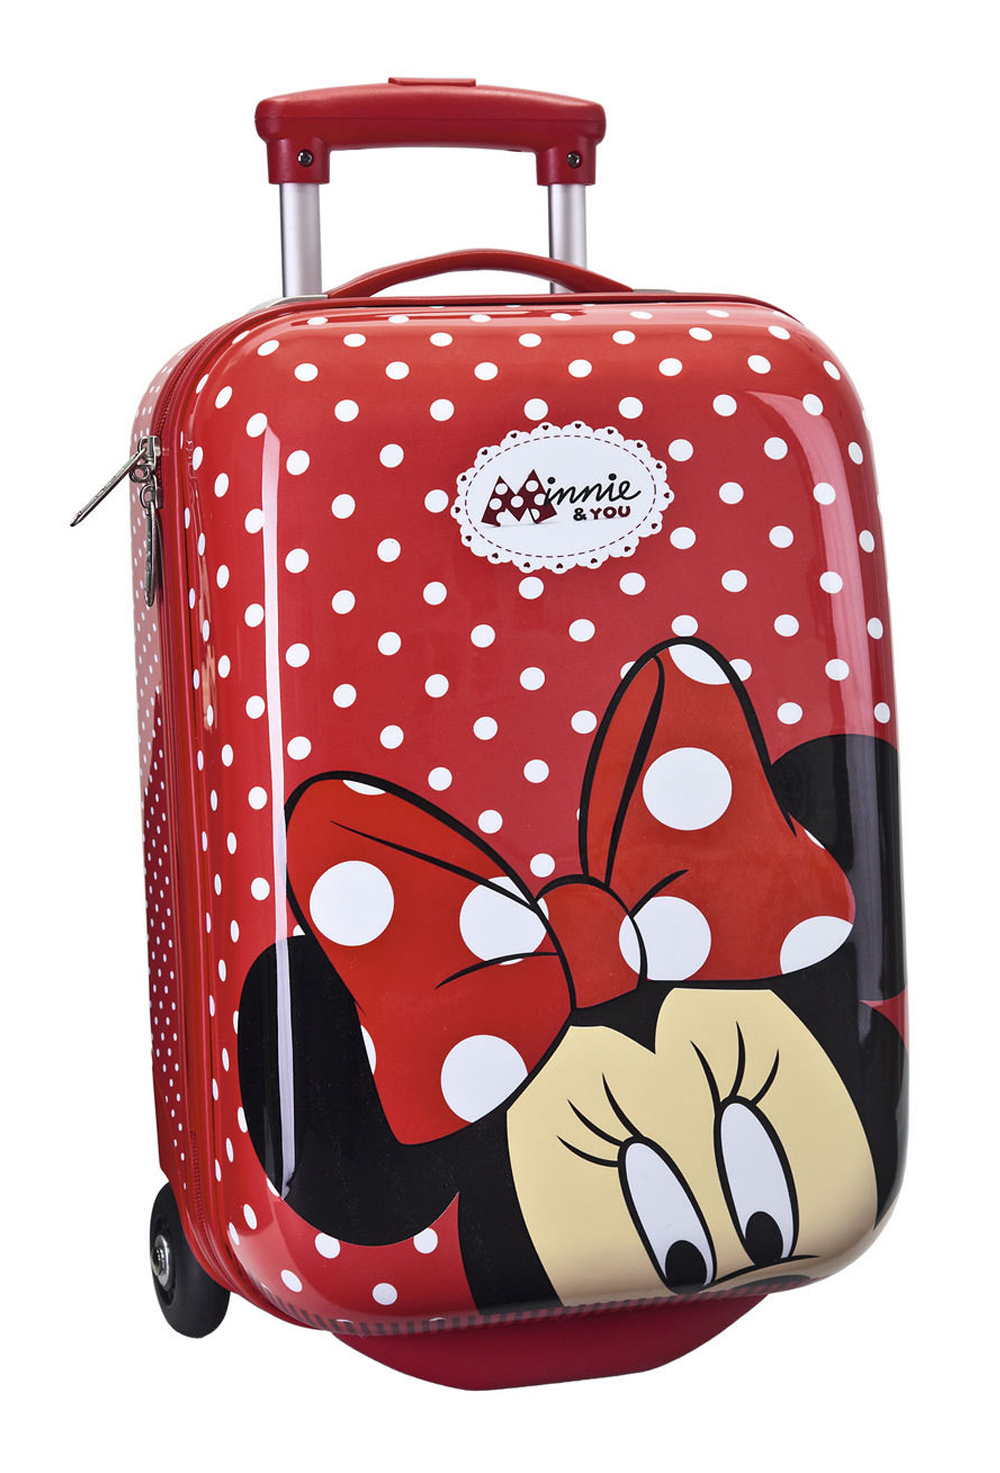 Trolley de cabina minnie 1470501 mochilas y maletas mochival - Maleta viaje carrefour ...